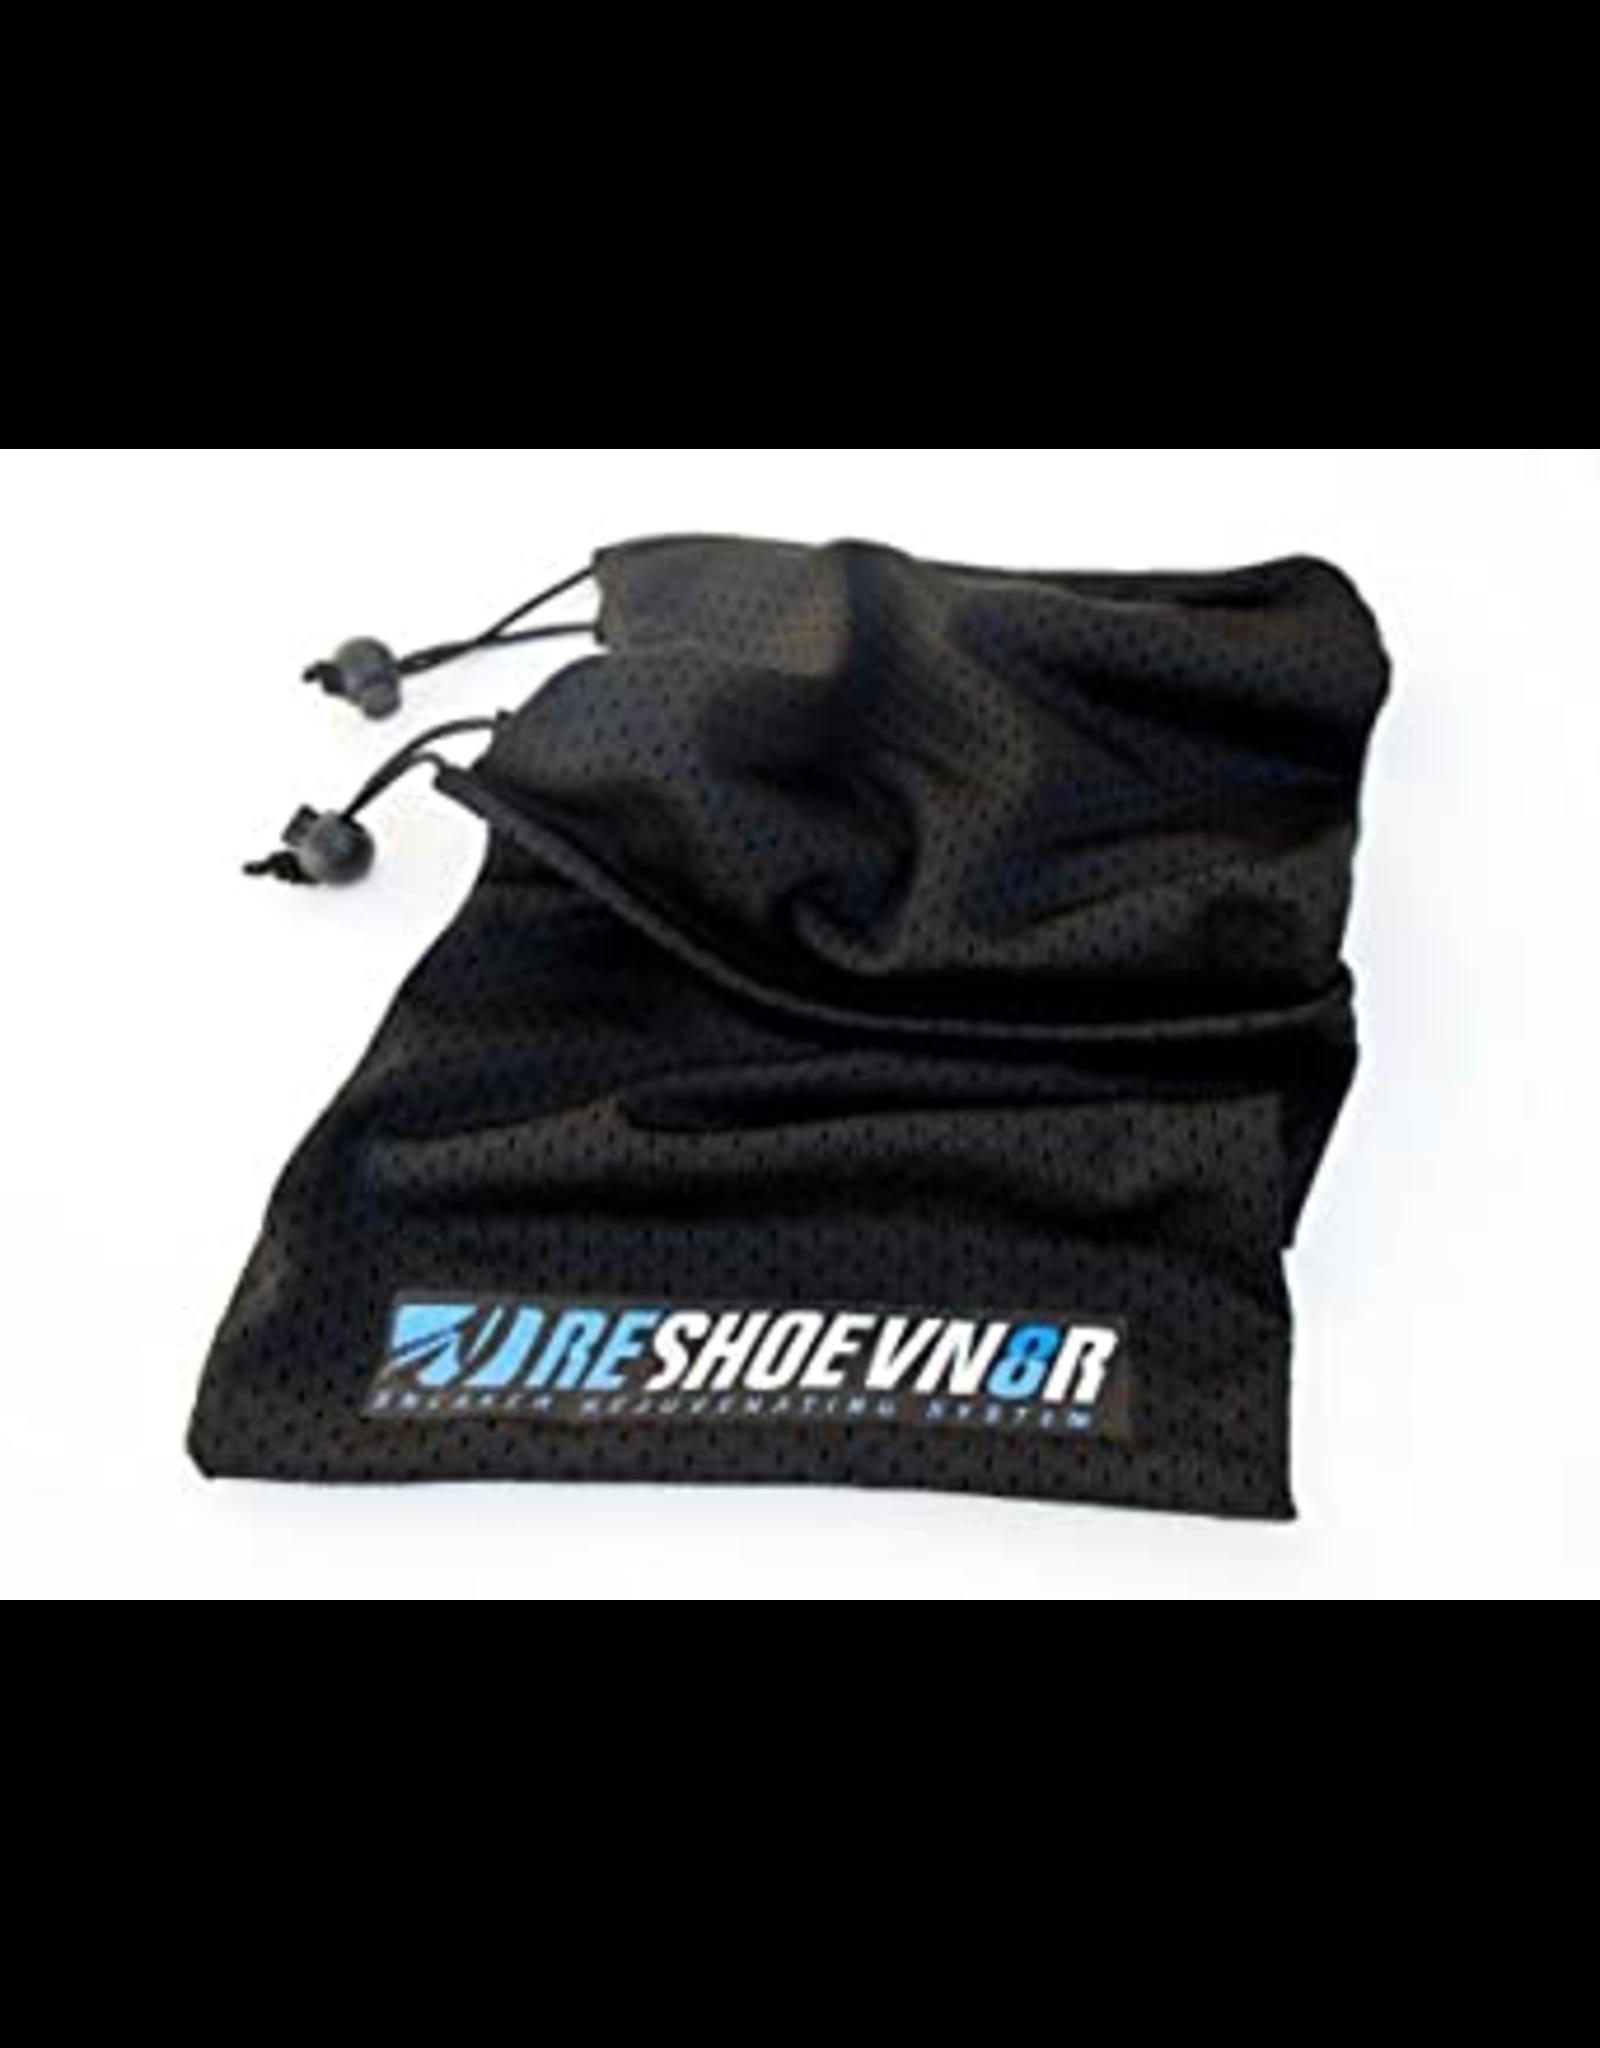 RESHOEVN8R SNEAKER LAUNDRY BAGS